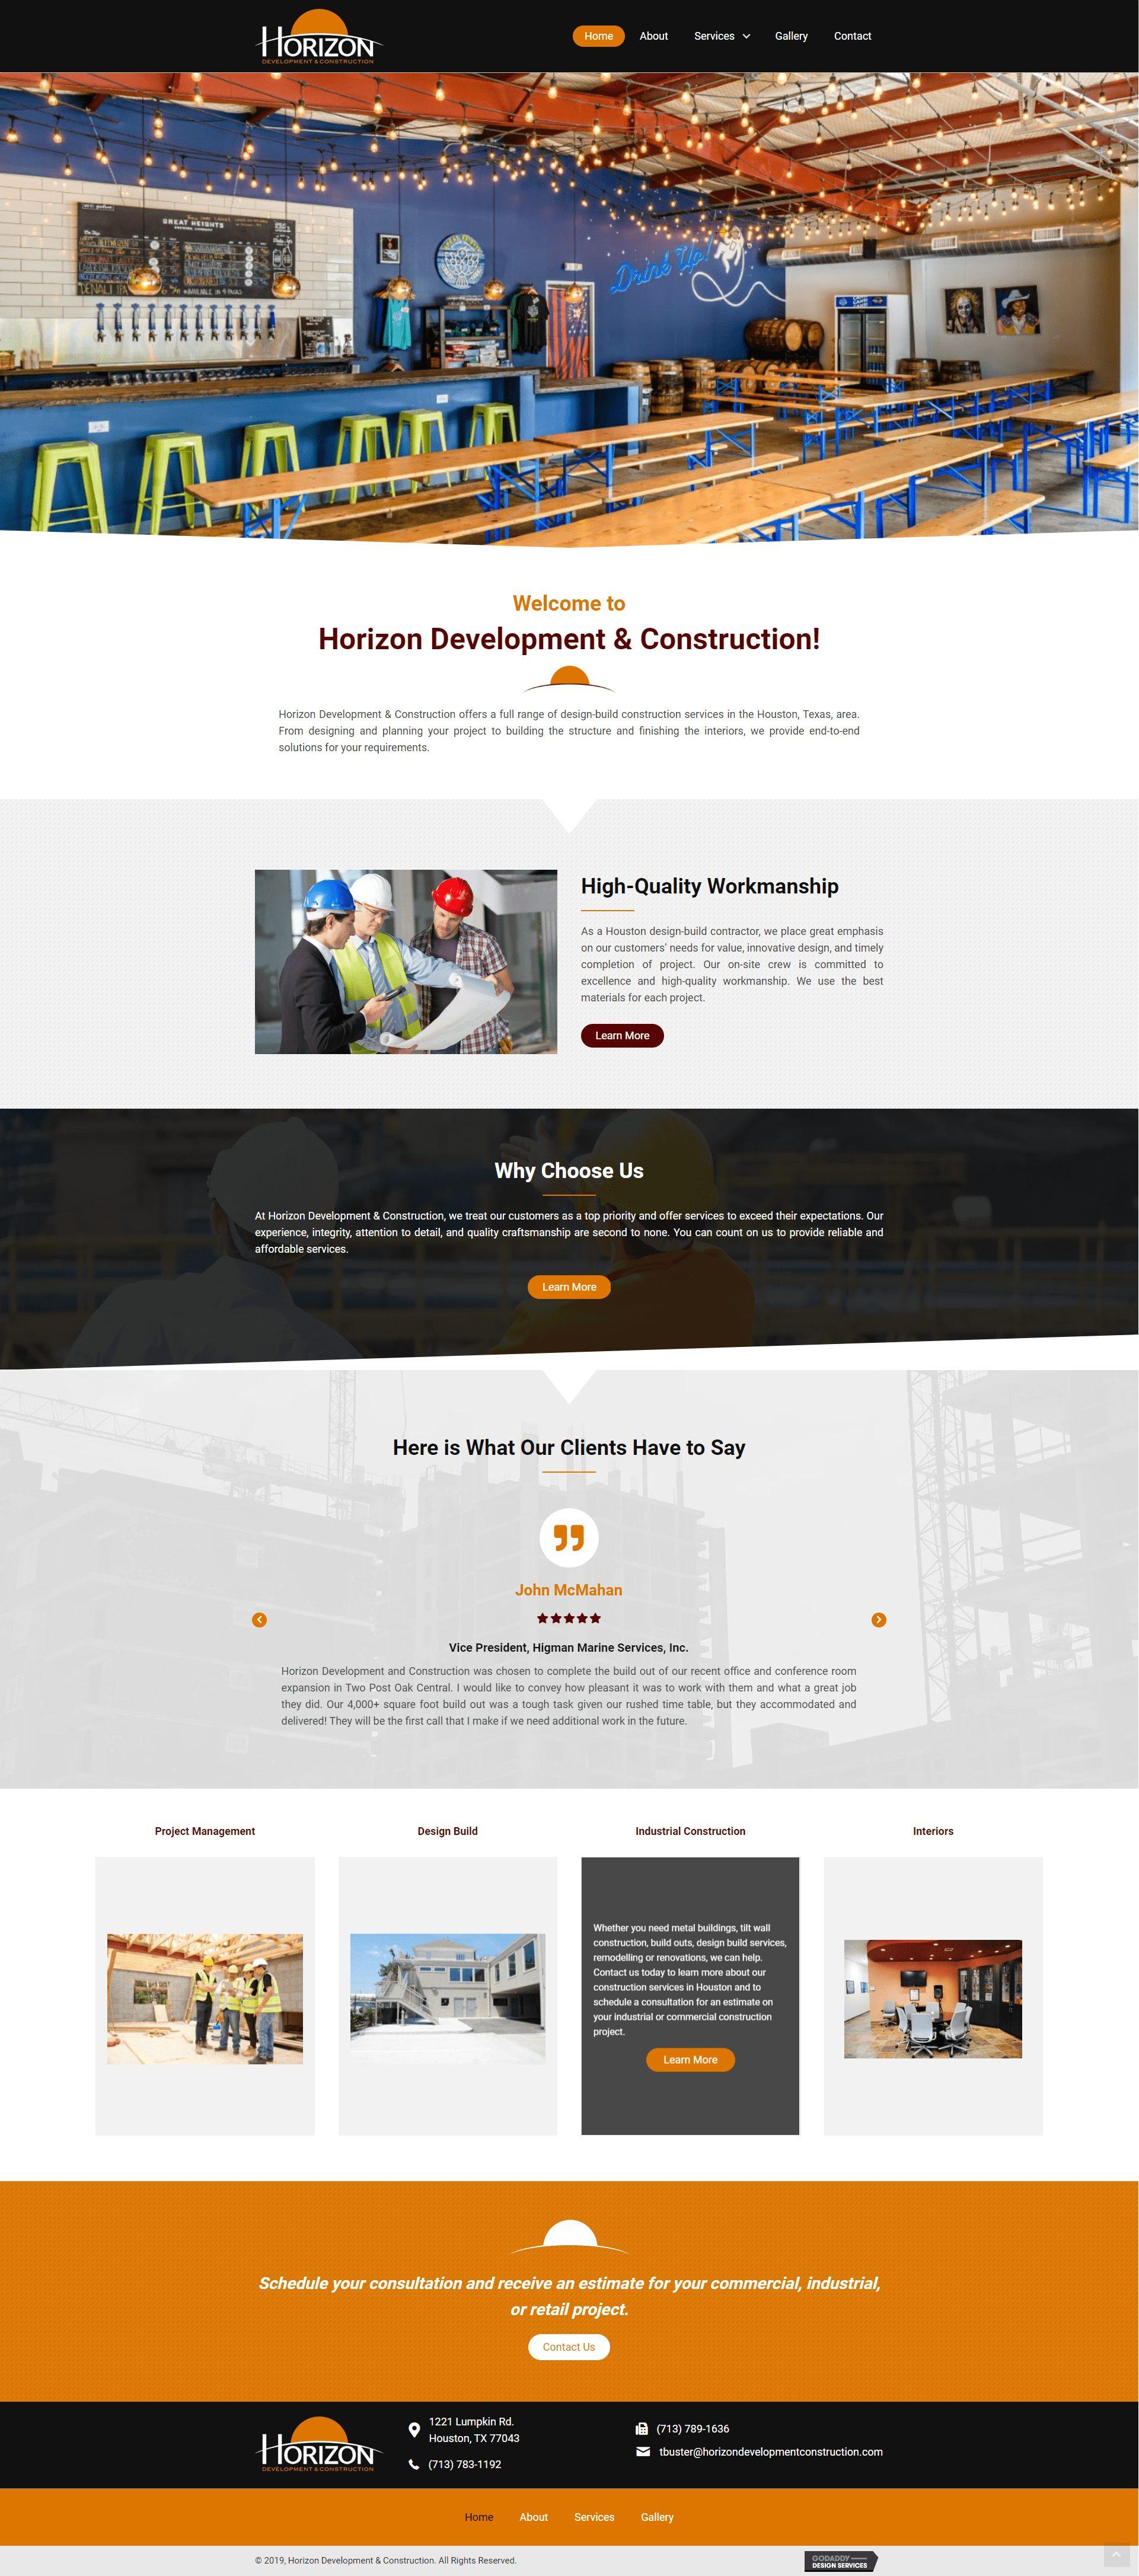 screencapture-houston-general-contractor-desktop